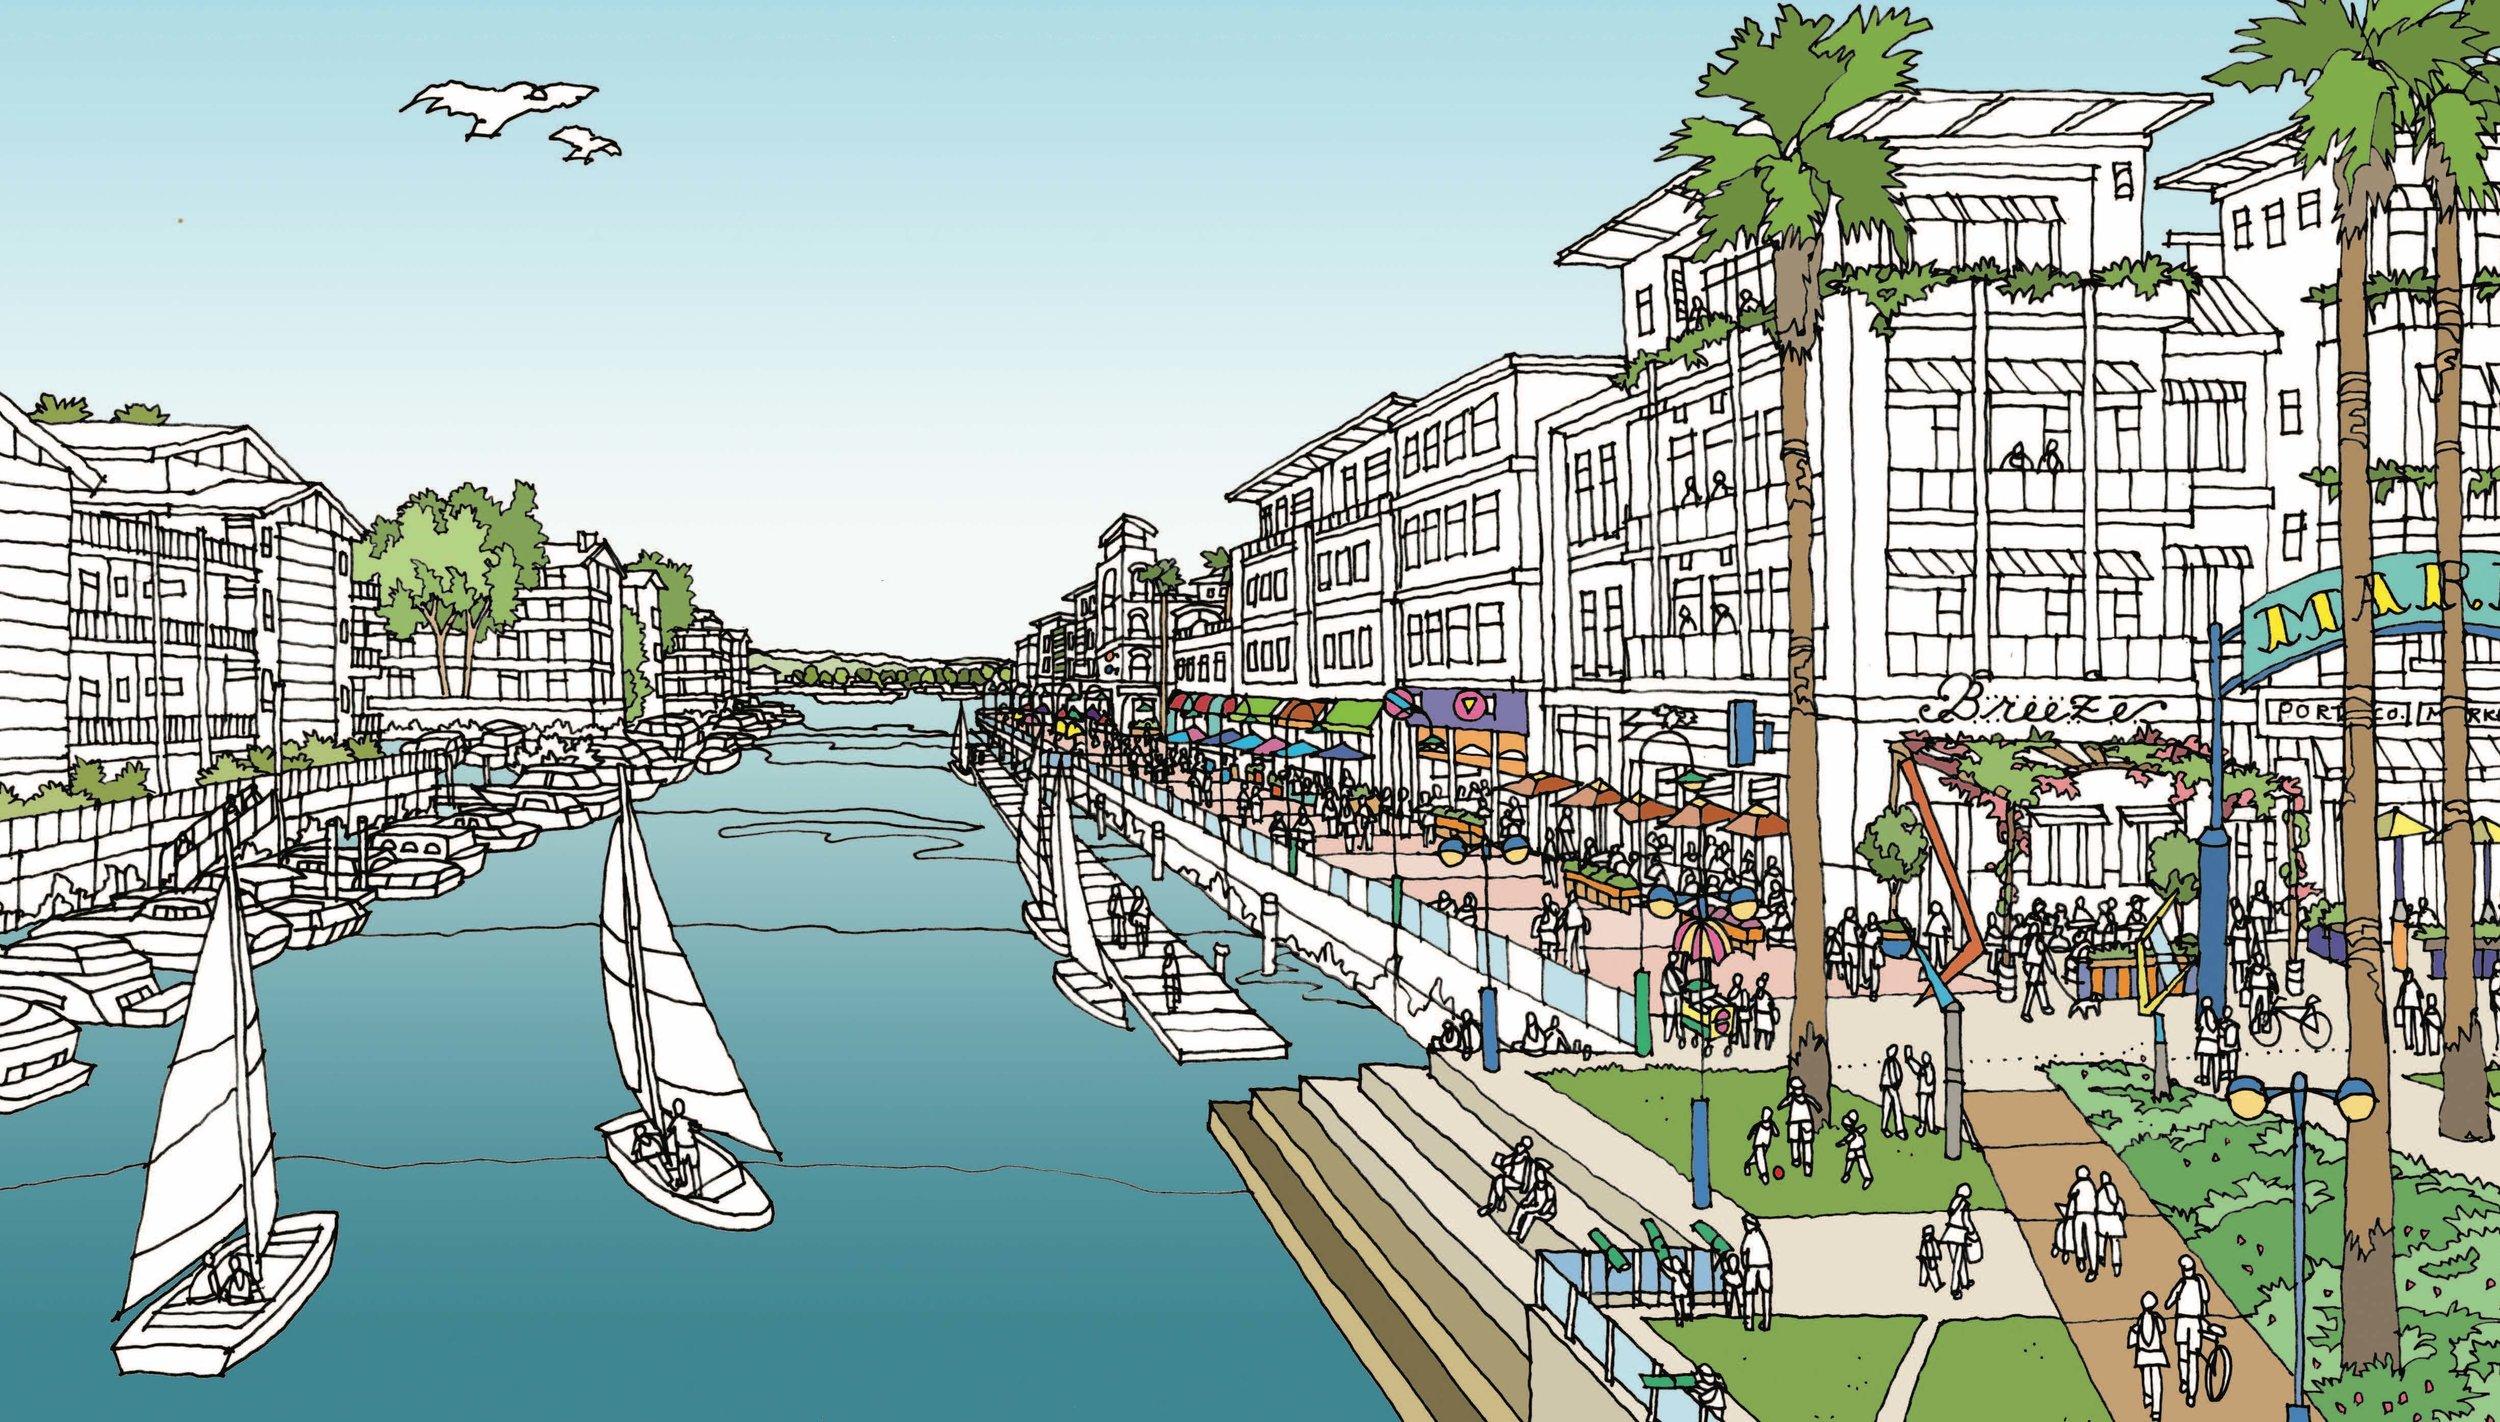 SEADIP_Waterway Promenade View_After.jpg